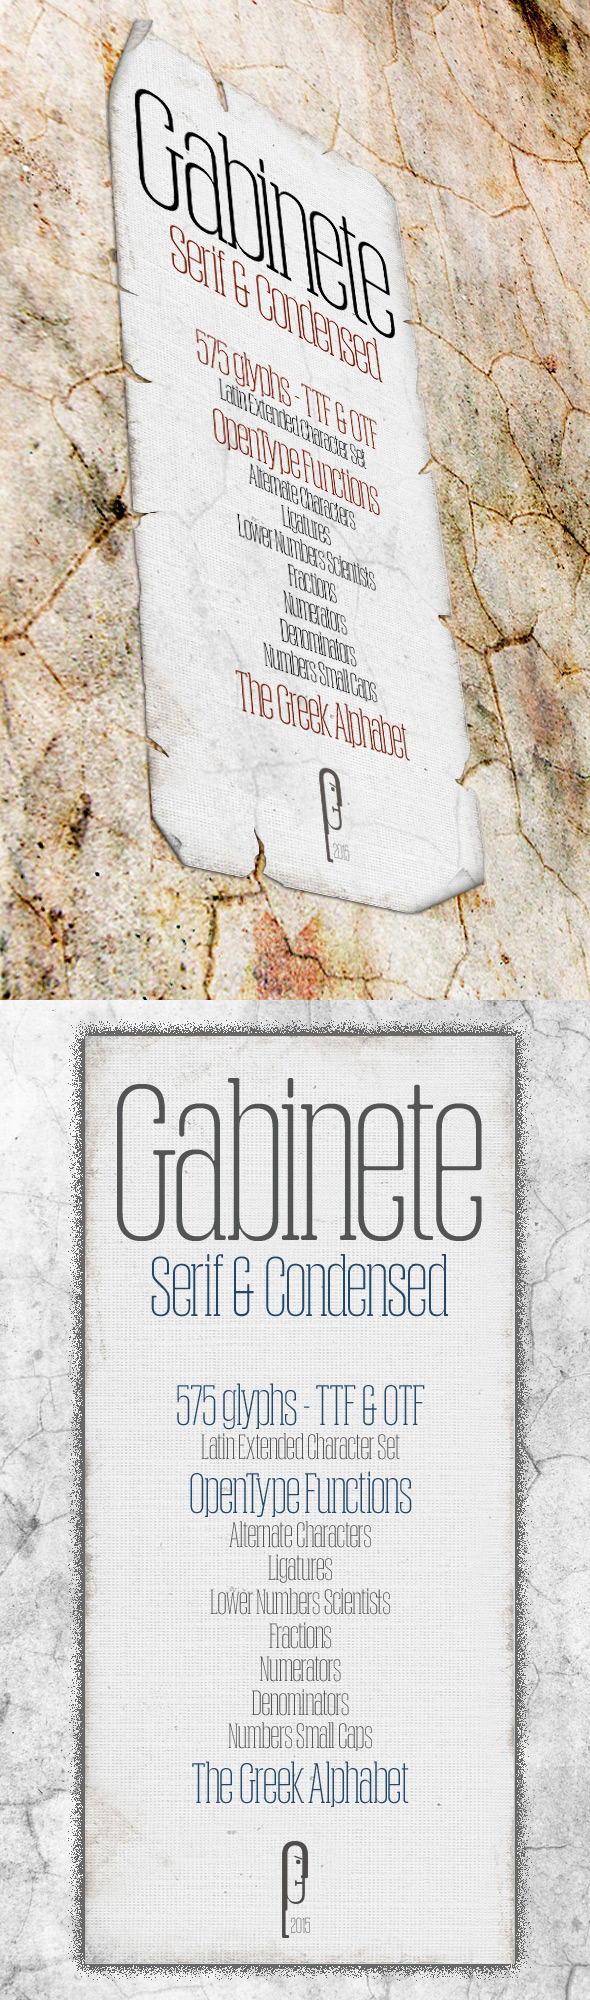 GraphicRiver Gabinete Serif & Condensed 11445343